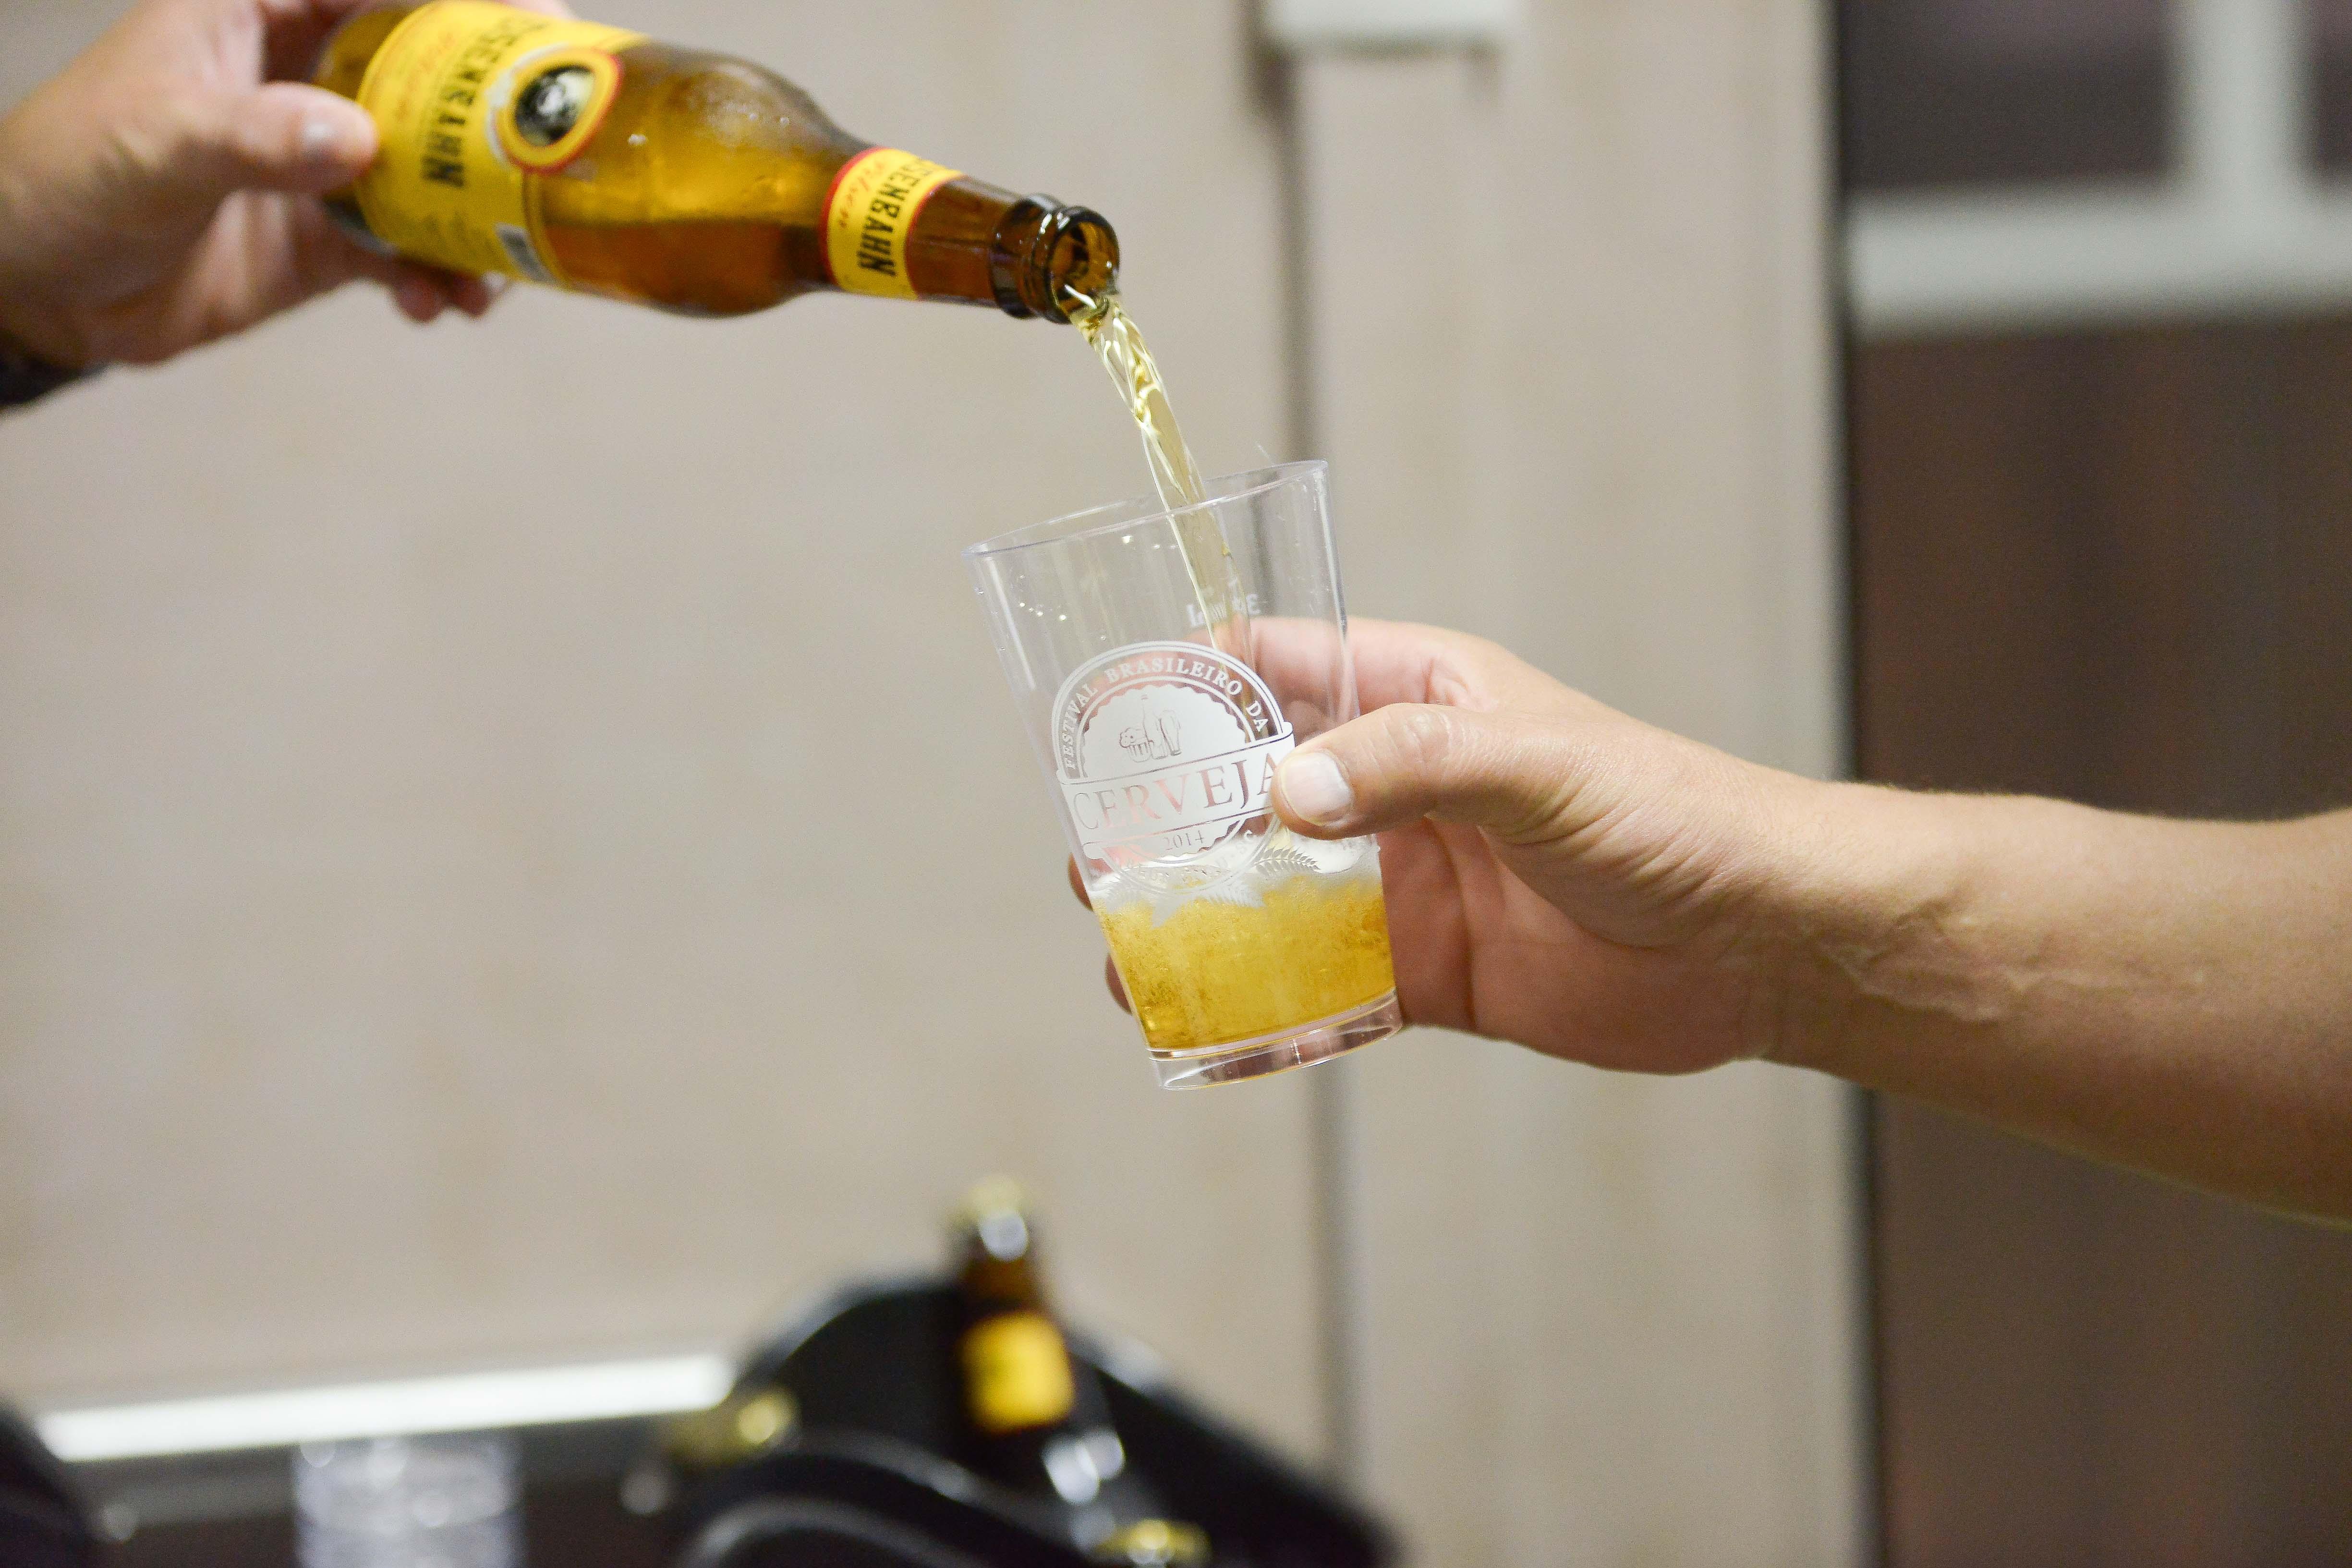 Blumenau inova para consolidar o título de Capital Nacional da Cerveja